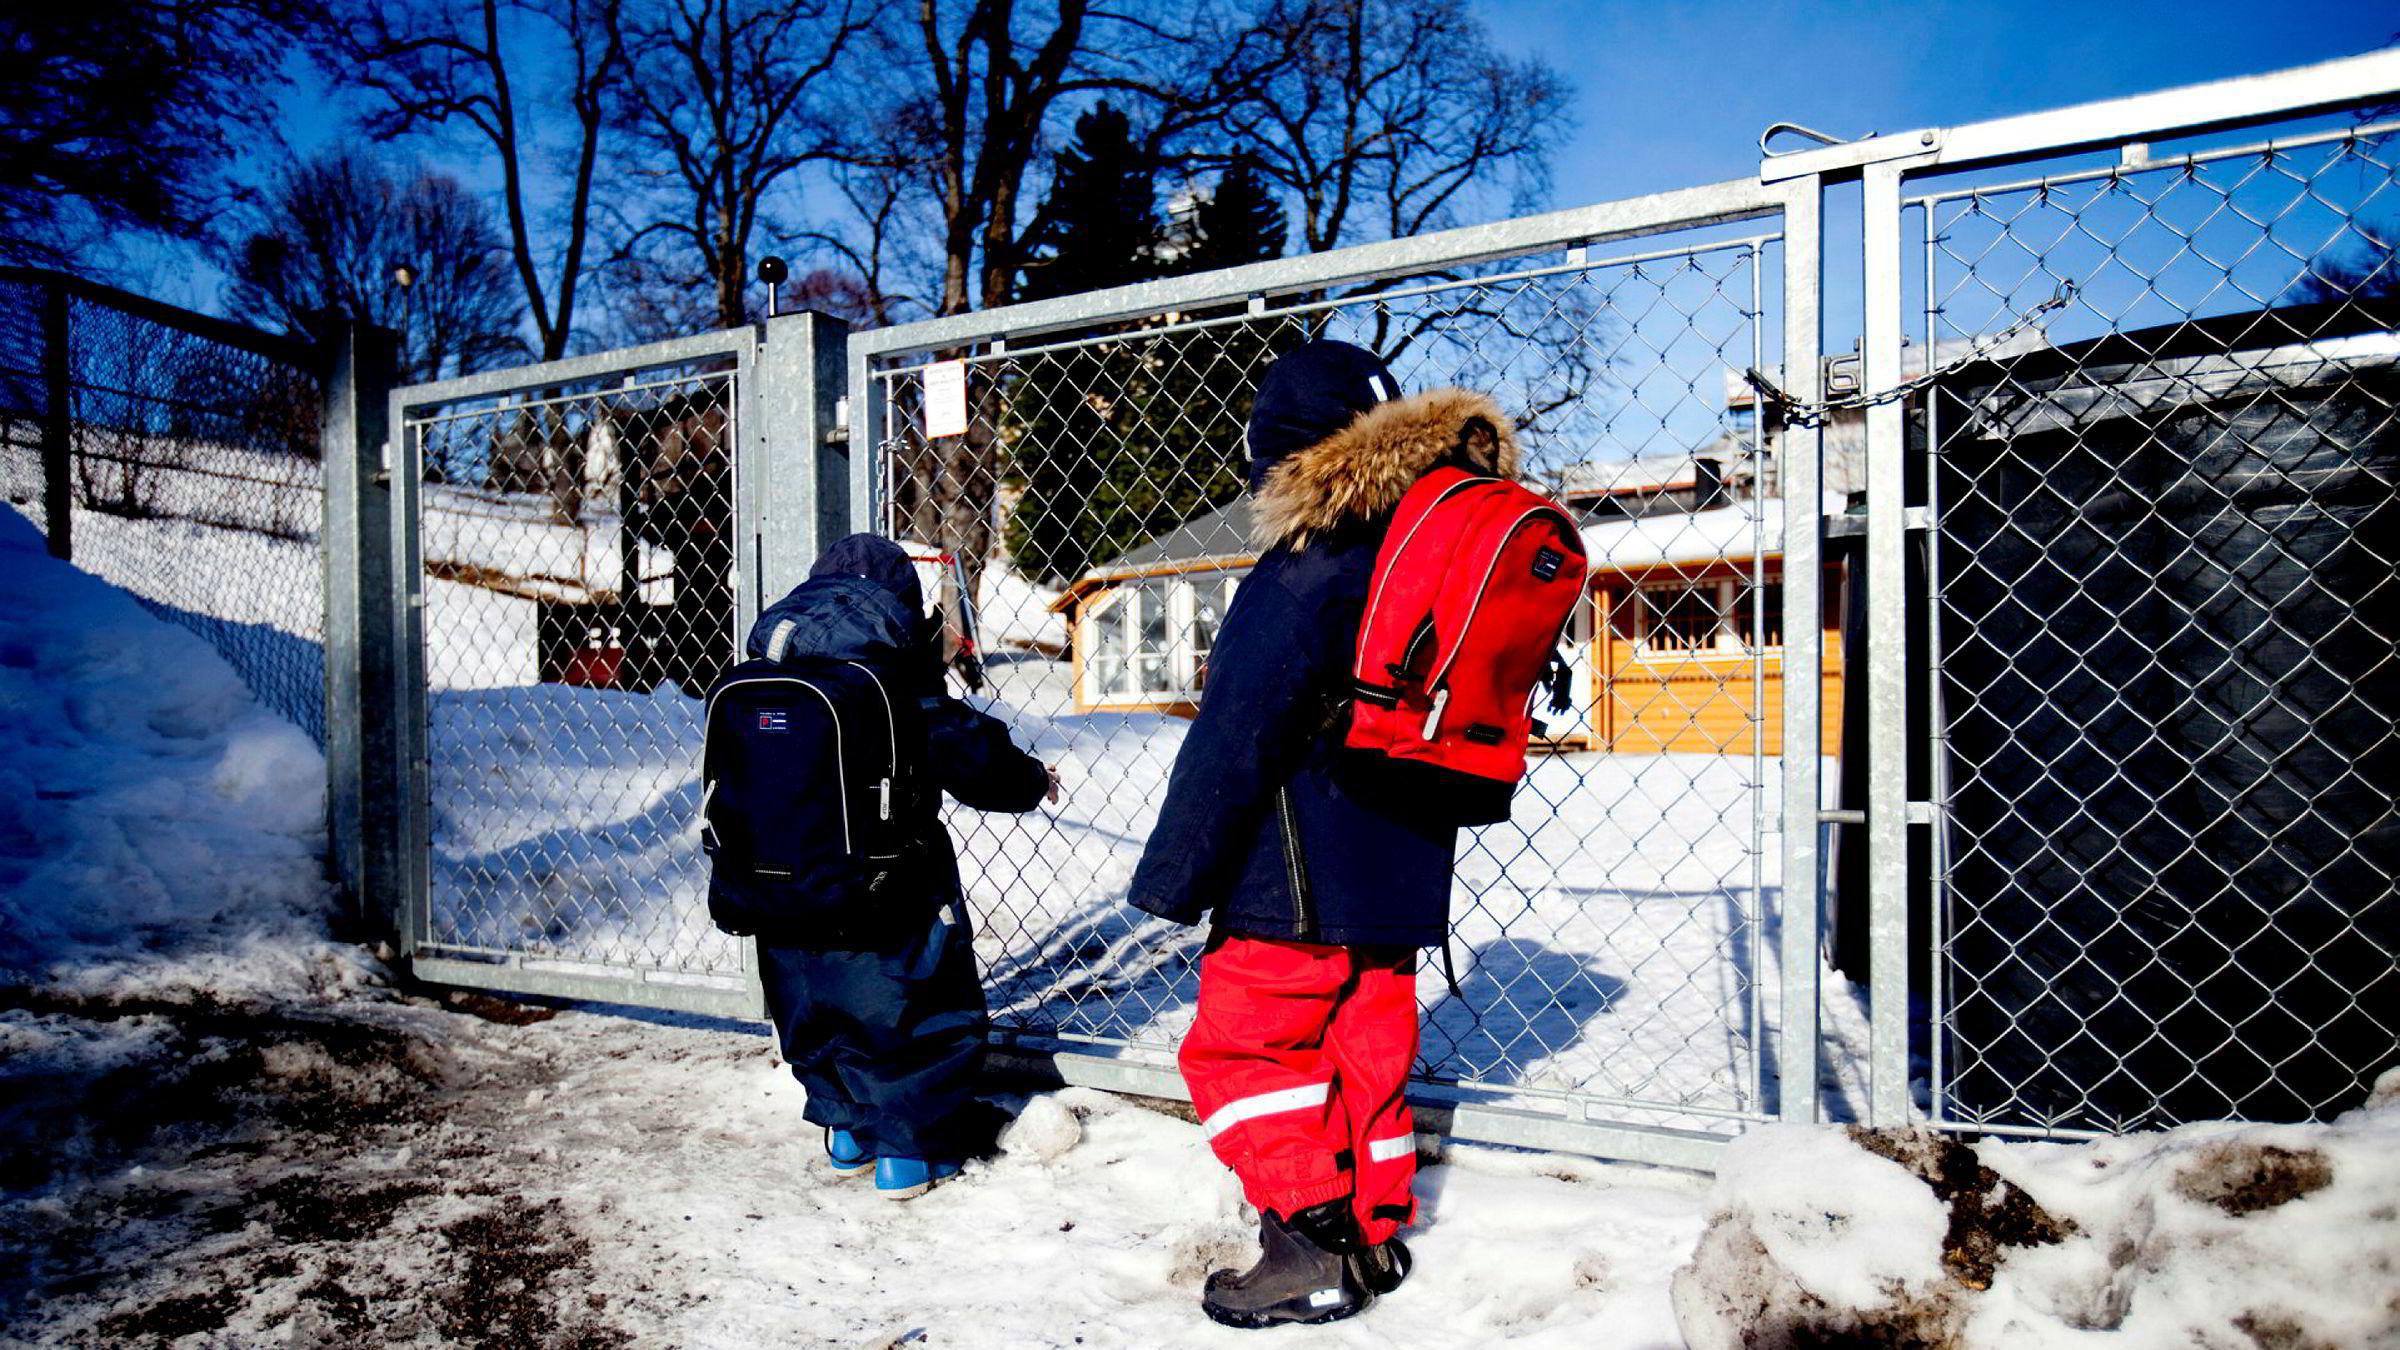 Foreldre flest er svært fornøyd med norske barnehager. Men for meg er det en trygghet å vite at hvis noe ikke skulle fungere, så kan jeg søke en annen barnehage.